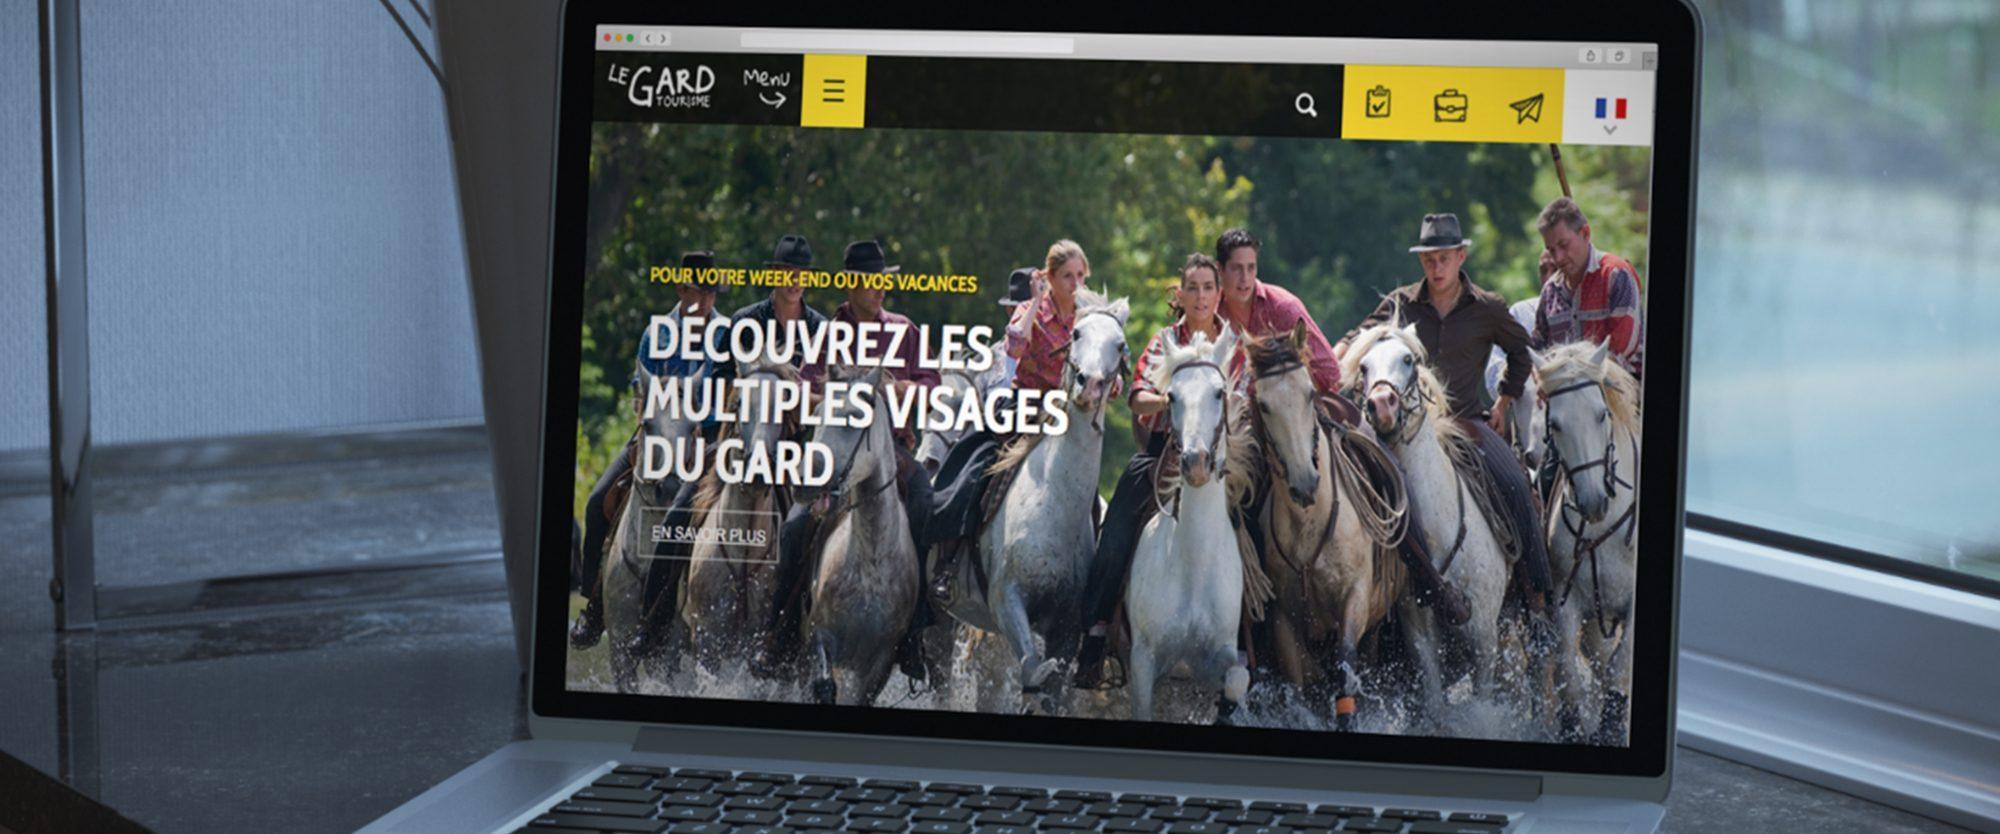 header-gard-tourisme